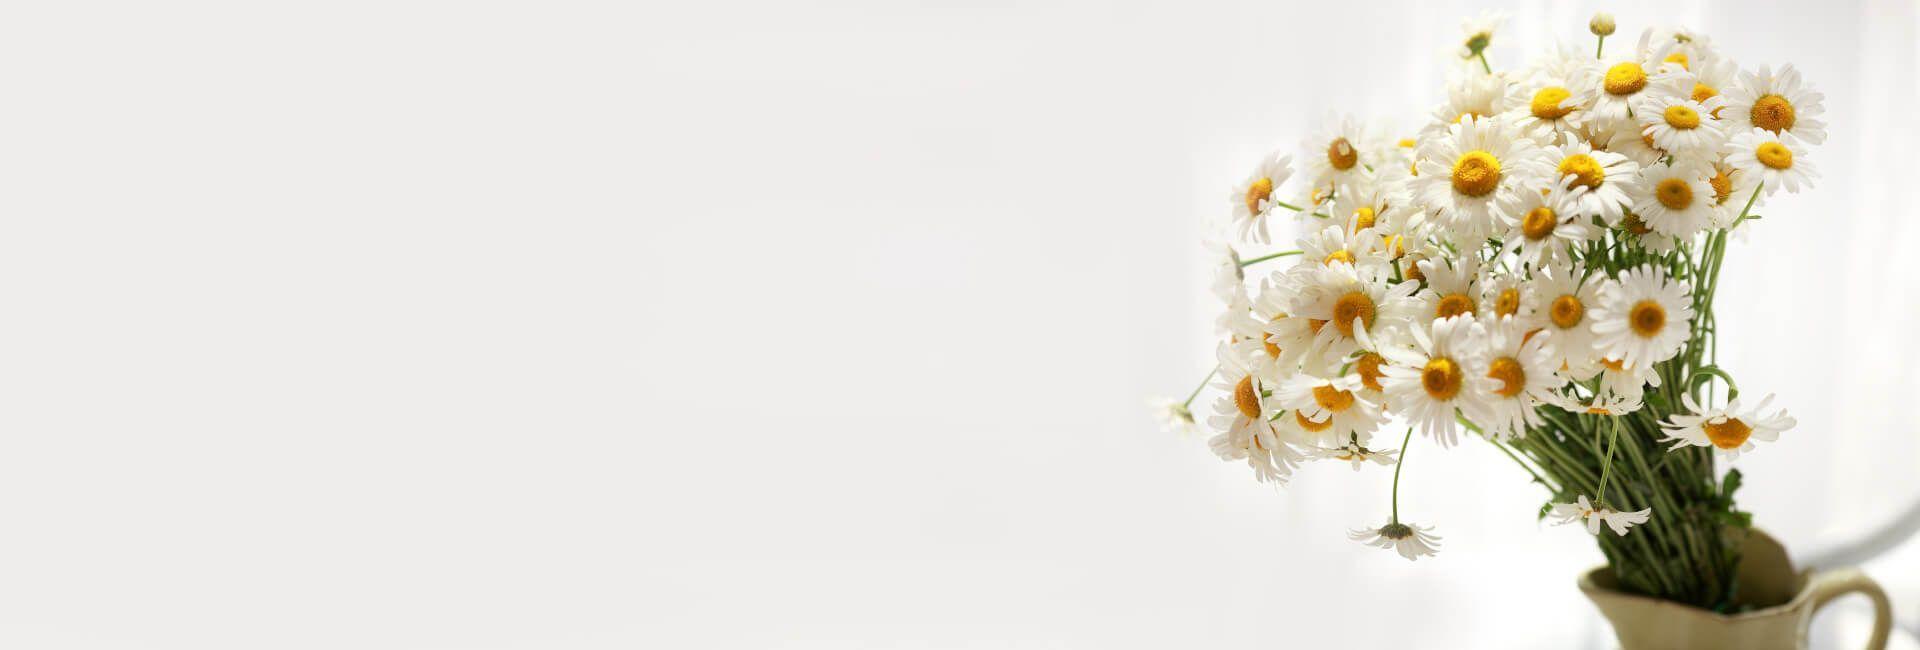 Get Well Soon Flower Gifts Bristol - Best in Bristol, CT